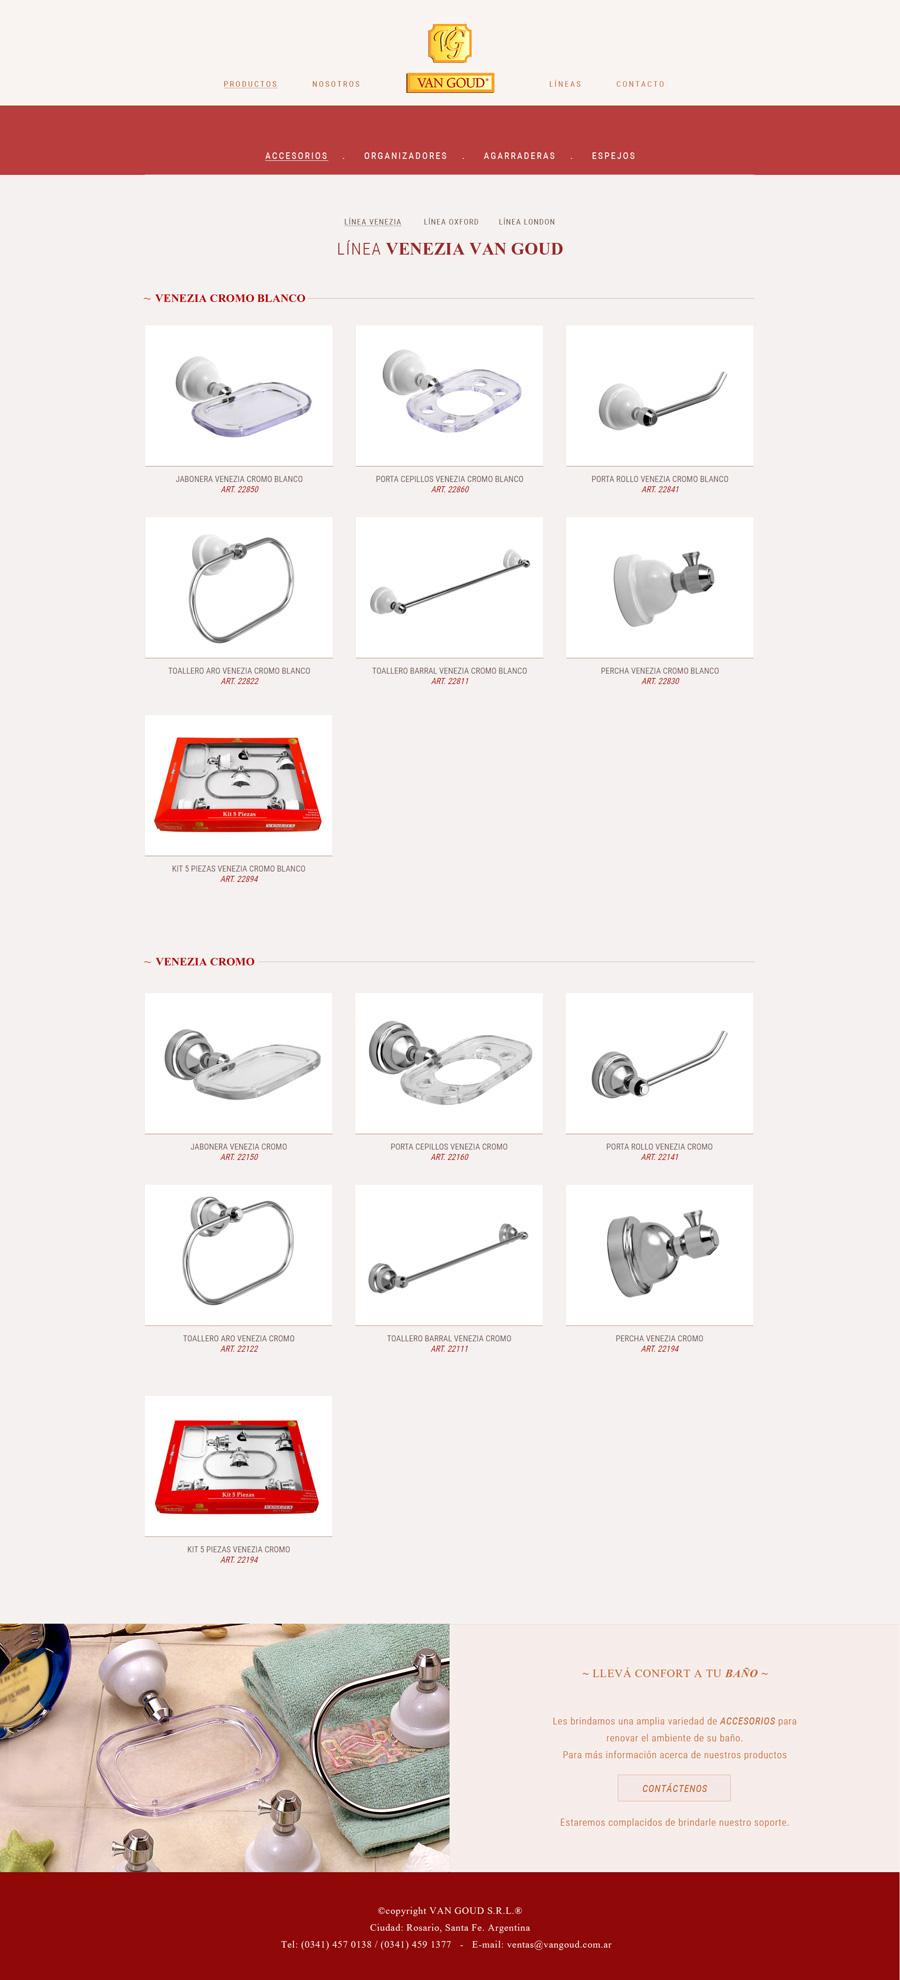 página web muestra los accesorios para el baño de la empresa Van Goud SRL